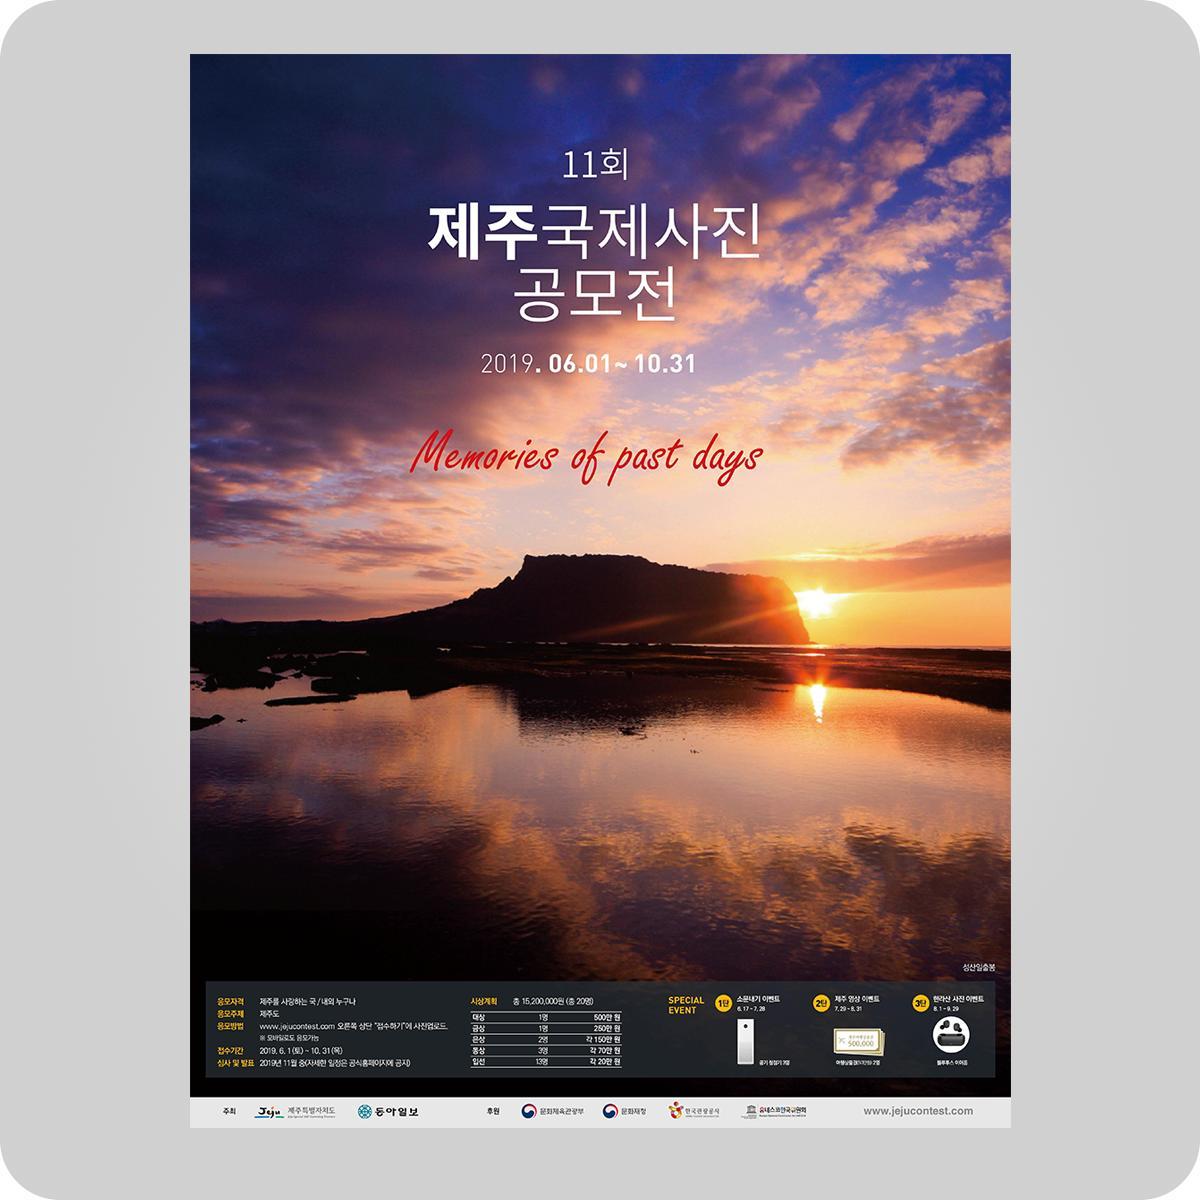 공모전 ▶ 제11회 제주 국제사진 공모전 + Kor, Eng, Cn, Jp Guideline file @ 제주도, 동아일보 #contest #korea #architecture #event #news #韓國 #建築 #建筑 ▶ https://blog.naver.com/artifacture/221570824426…